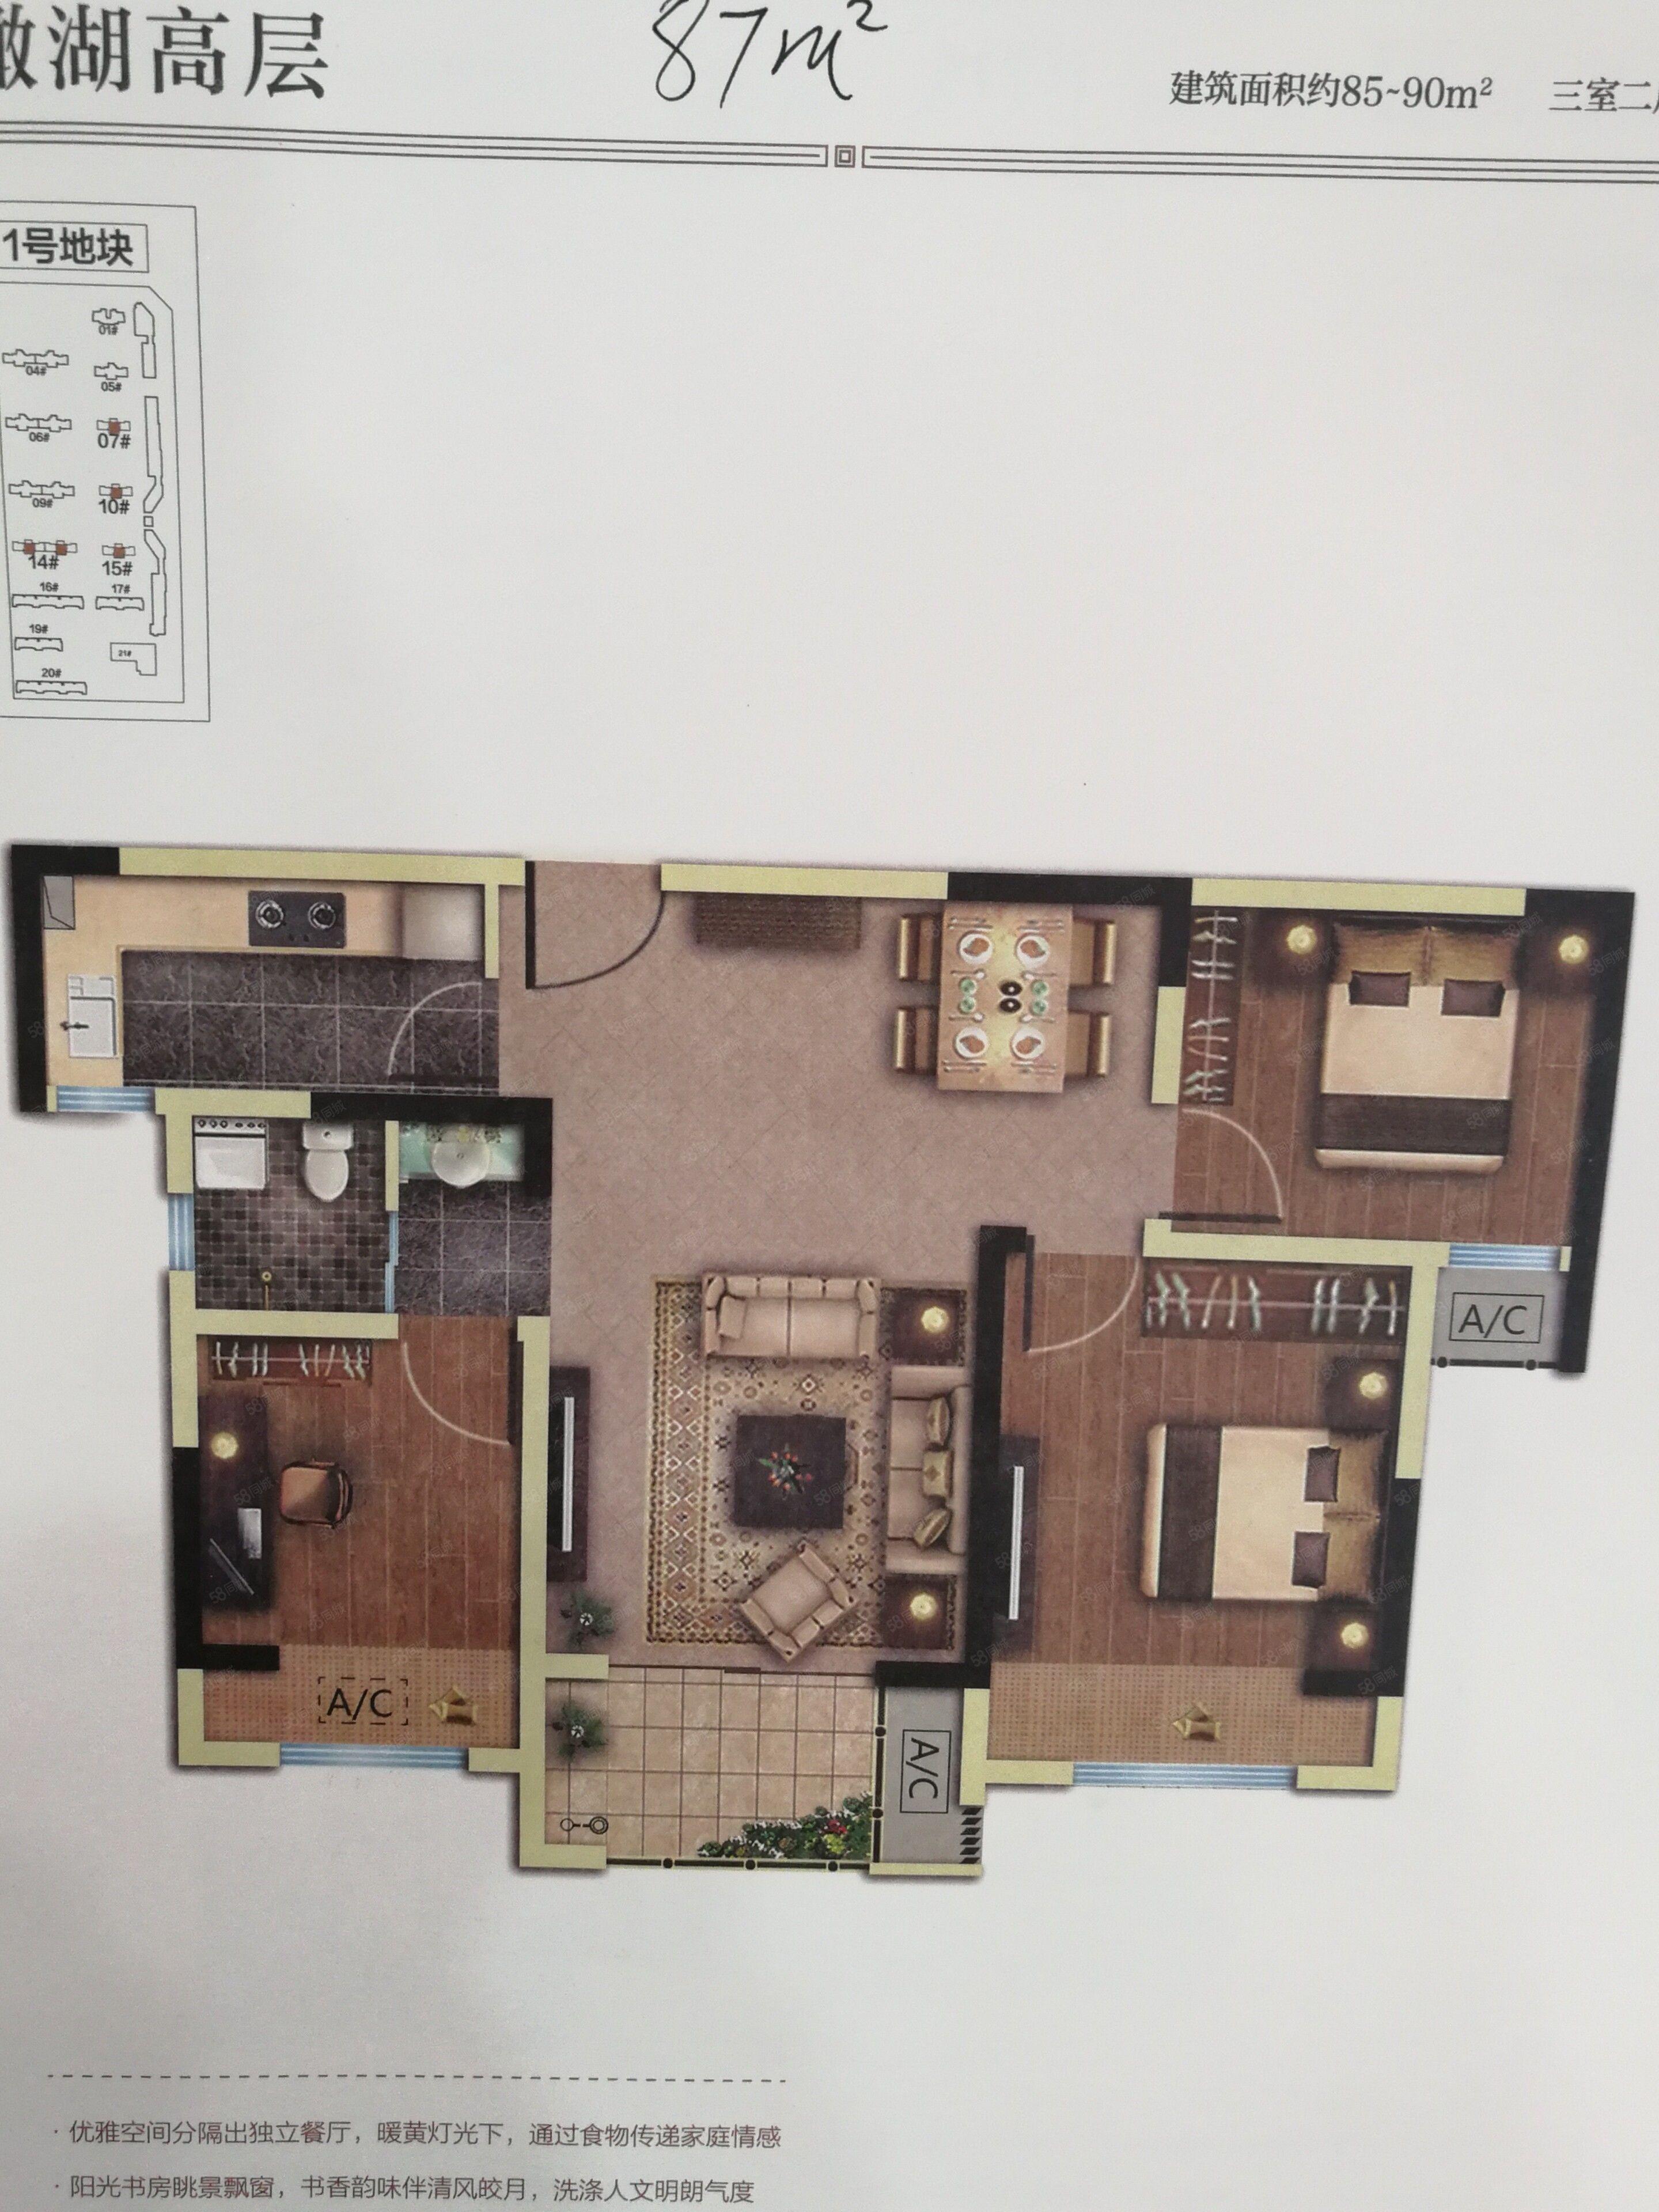 绿地香湖湾三室两厅一手房转让费8万名额转让